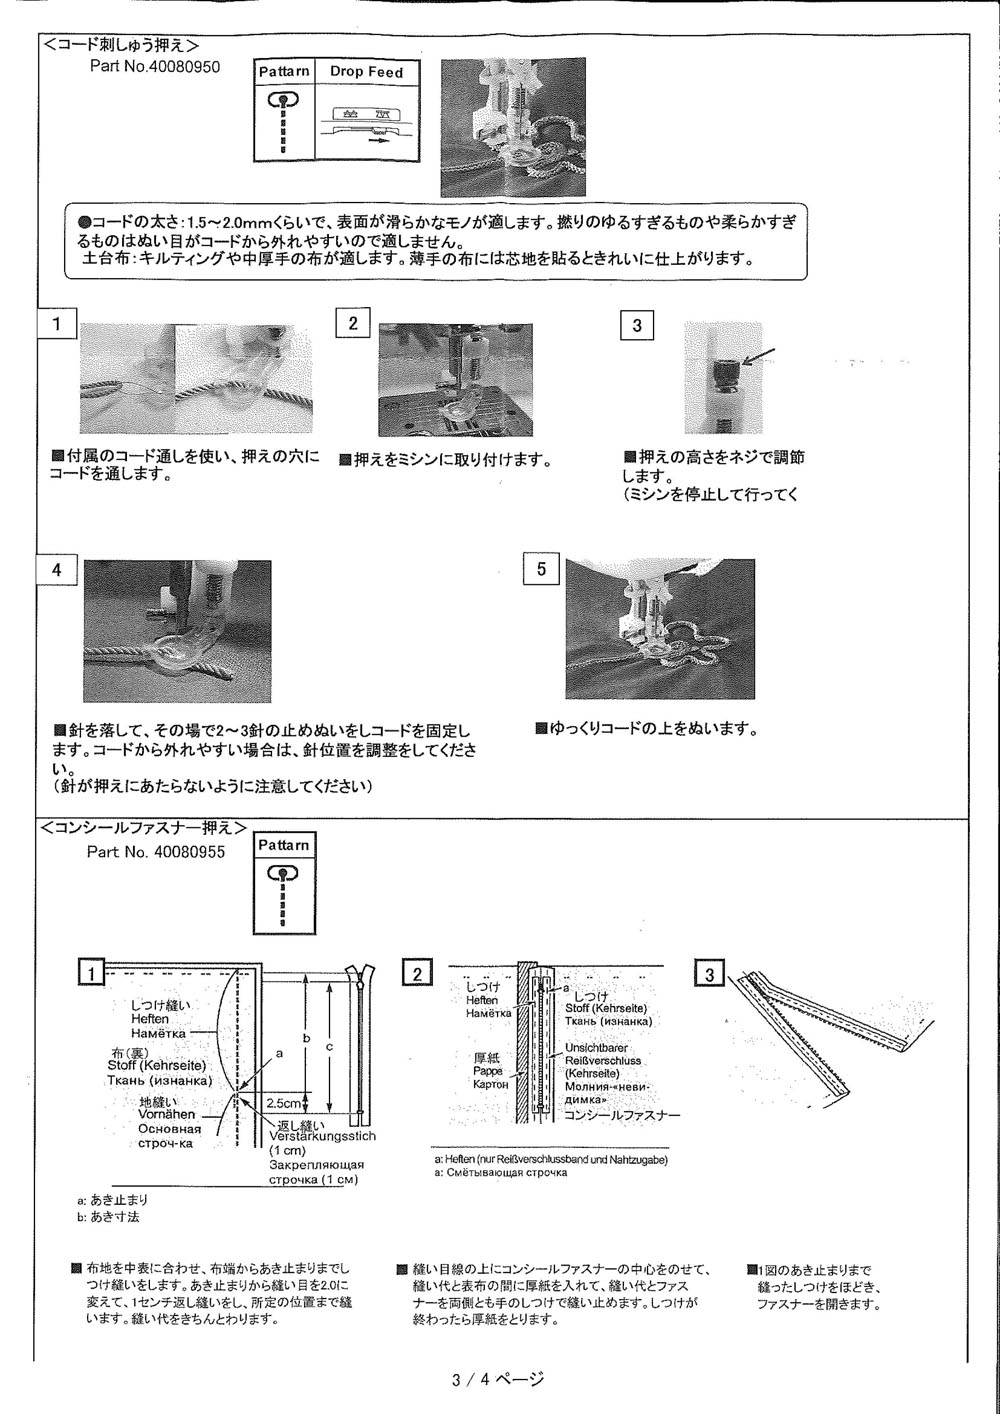 【送料無料】 ヘビーユーザーキット  (Fシリーズ)